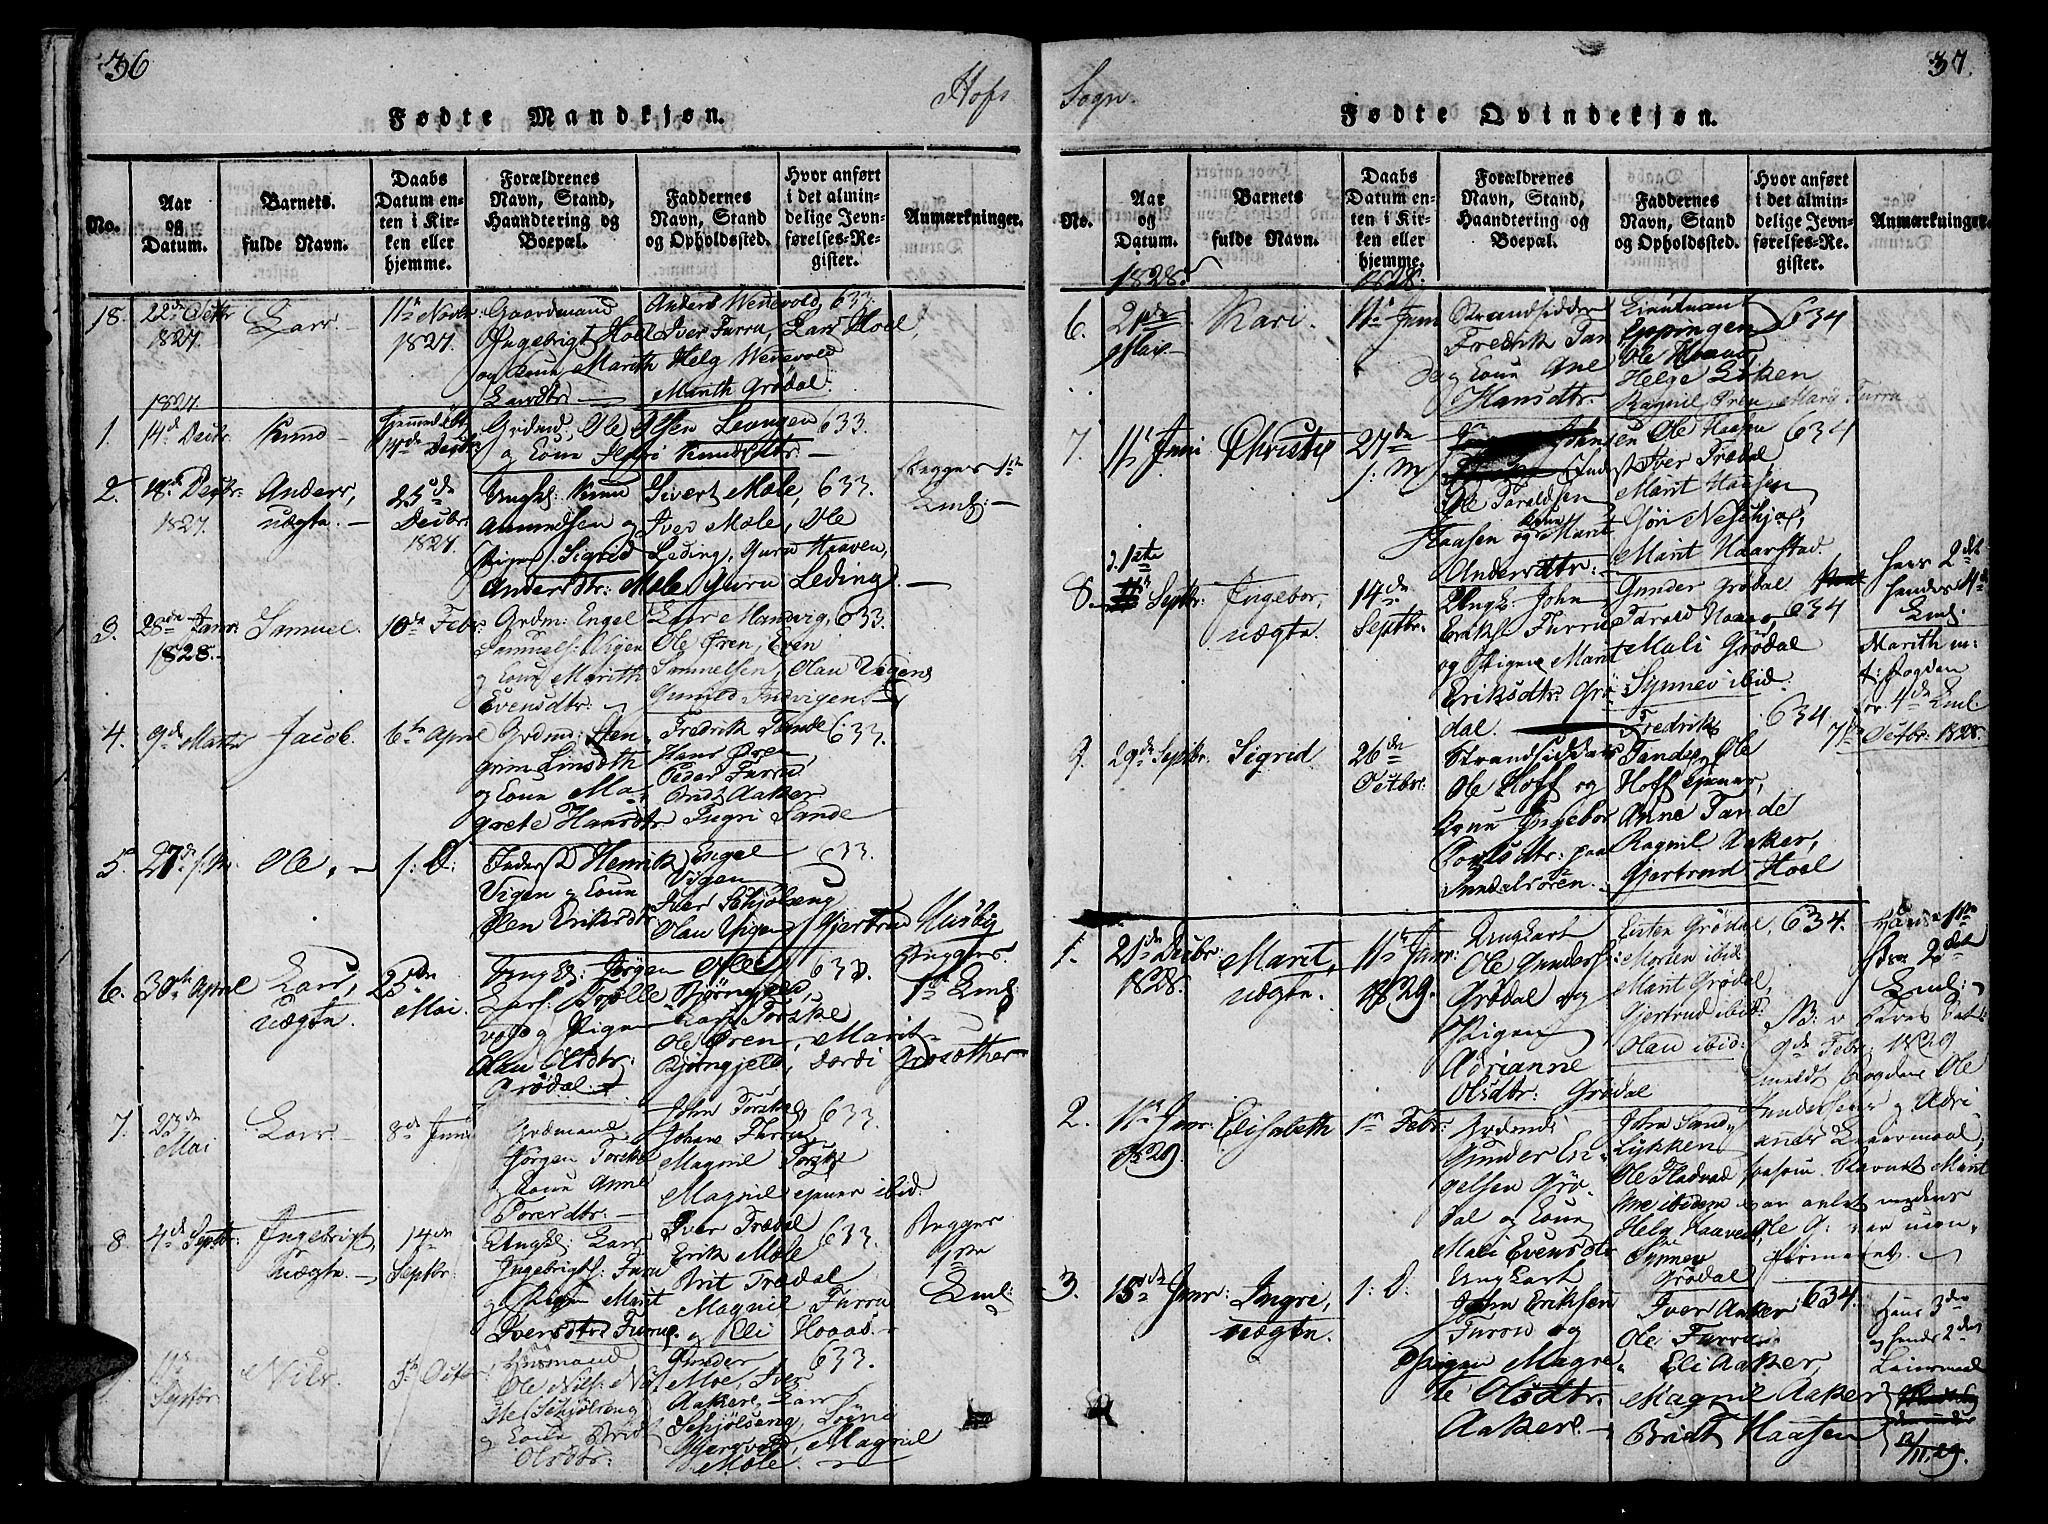 SAT, Ministerialprotokoller, klokkerbøker og fødselsregistre - Møre og Romsdal, 590/L1009: Ministerialbok nr. 590A03 /1, 1819-1832, s. 36-37